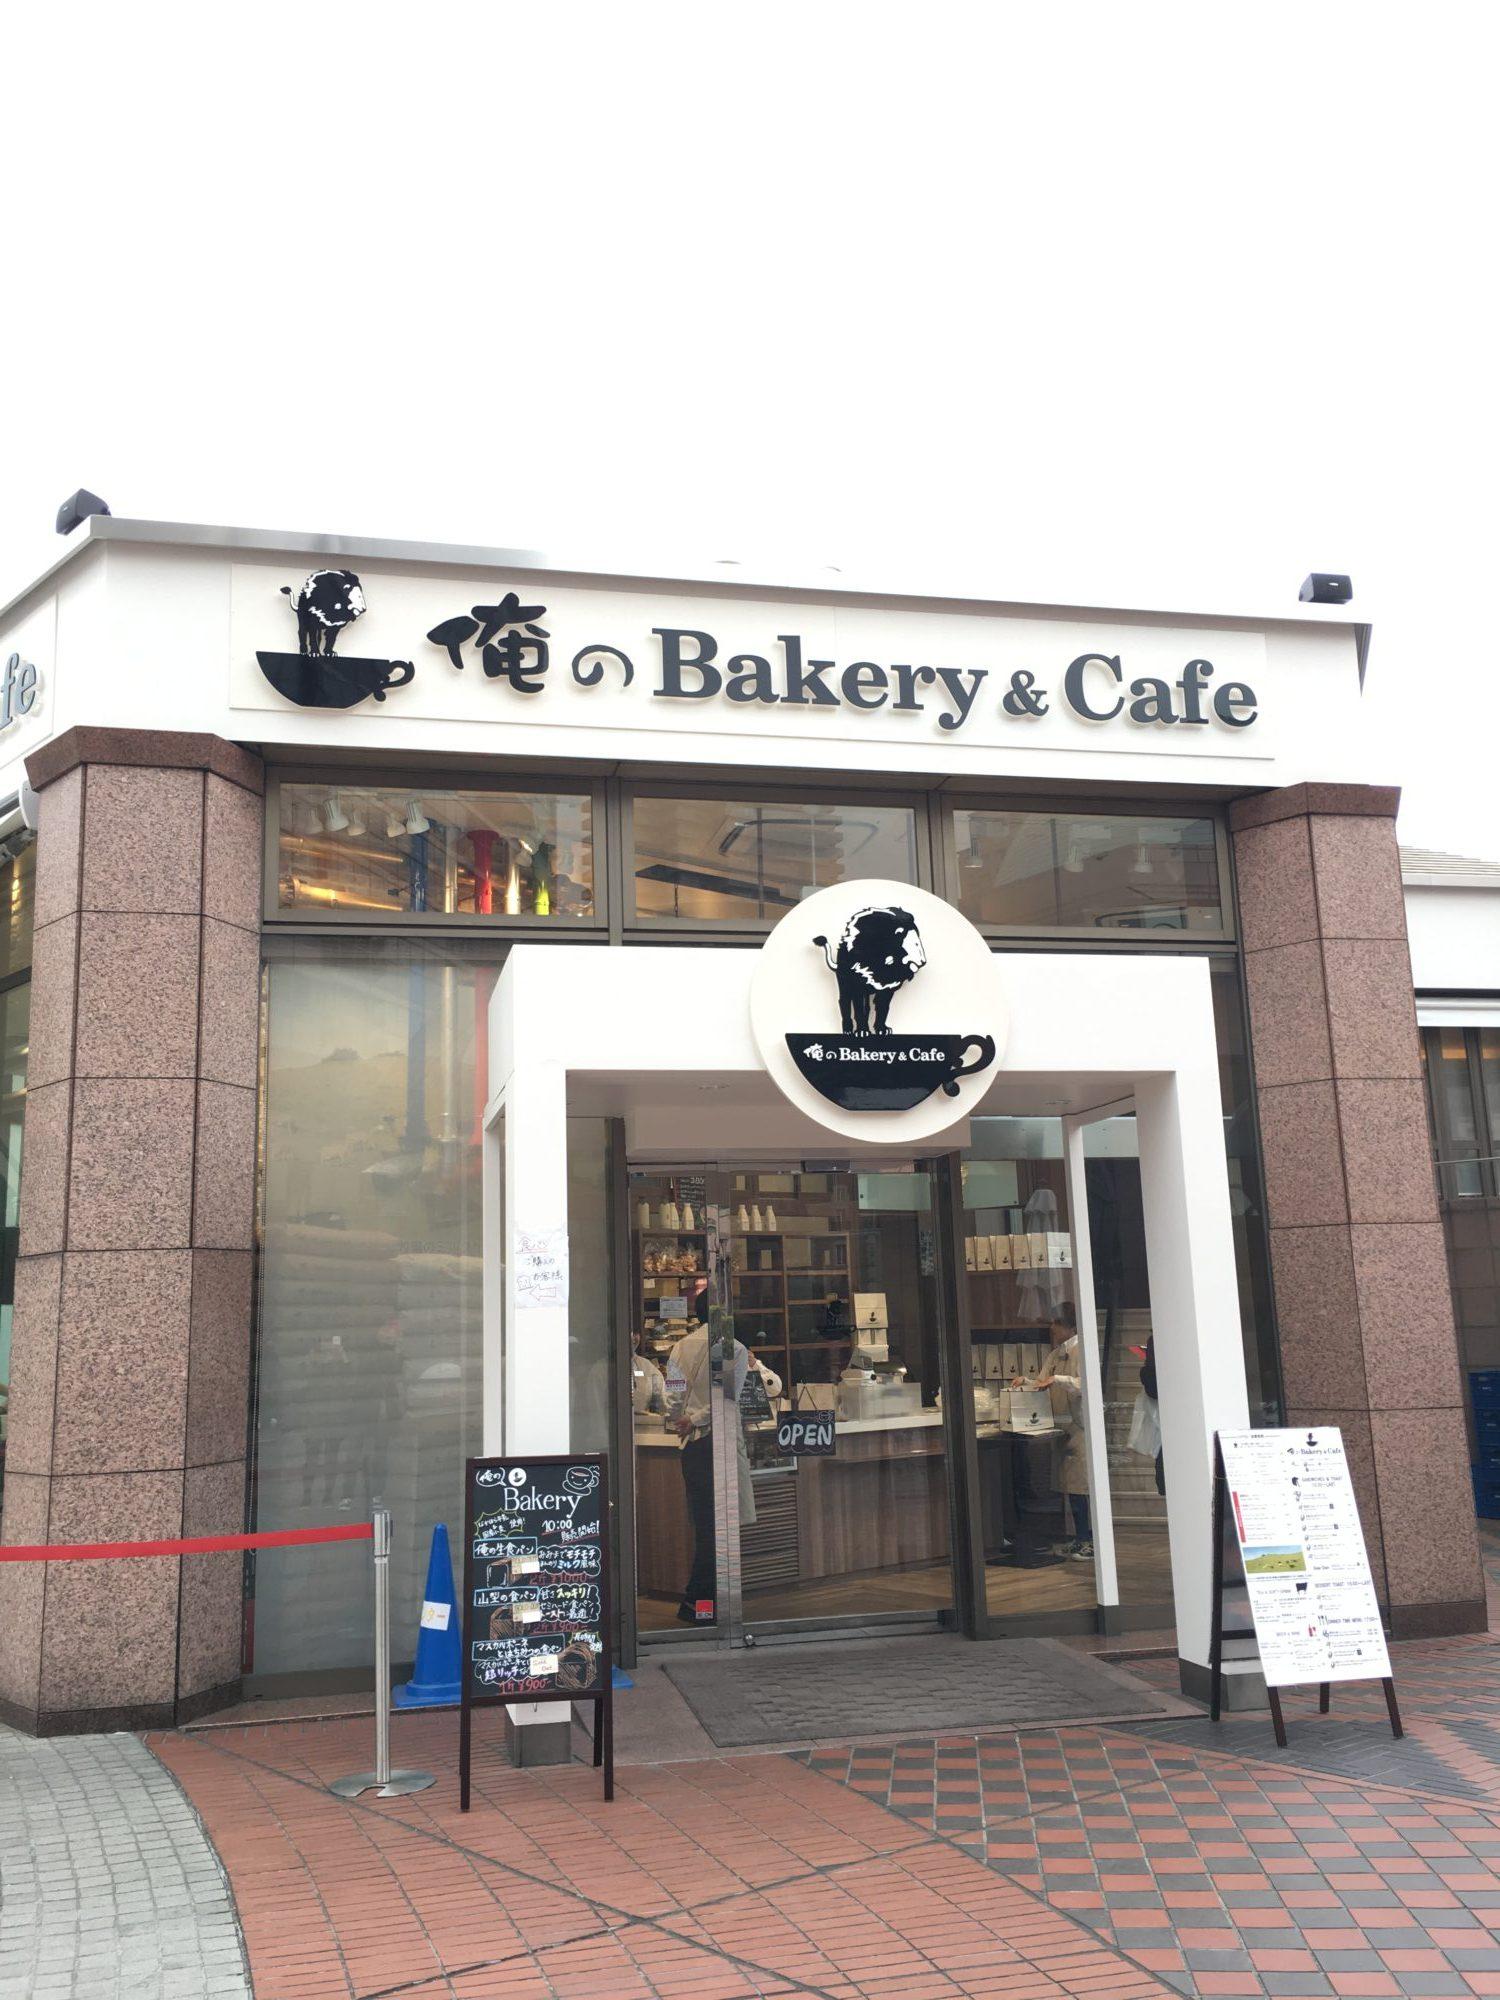 俺のBakery&Cafe 俺のベーカリー&カフェ 東京 恵比寿 ランチ 生食パン サンドイッチ